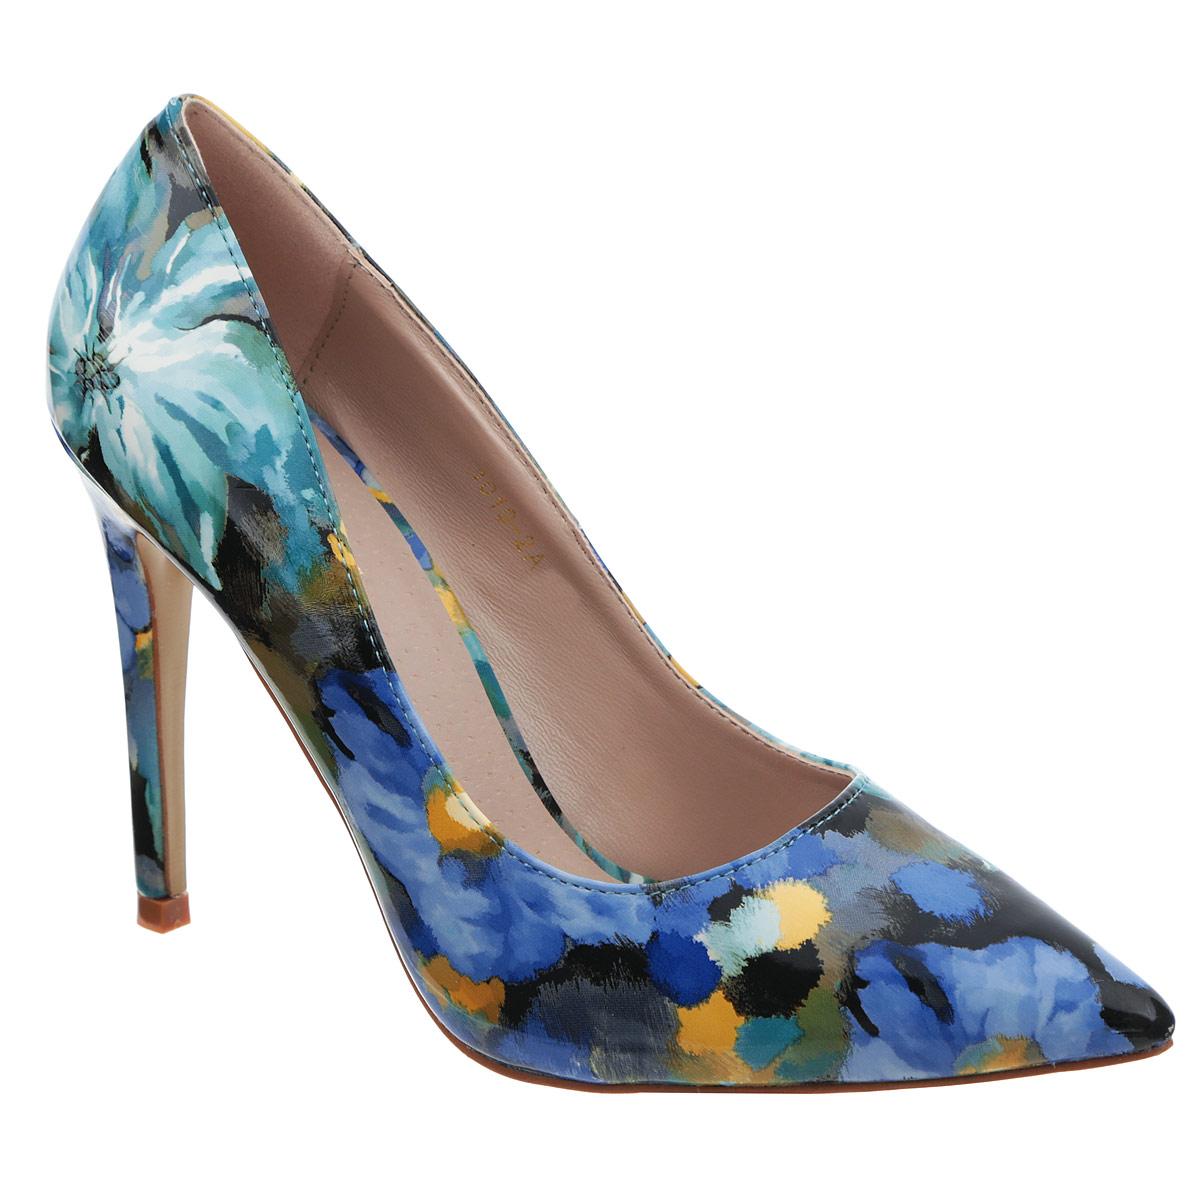 Туфли женские. 1019-2A1019-2AЯркие женские туфли Itemblack эффектно дополнят ваш модный образ. Модель выполнена из искусственной лакированной кожи и оформлена цветочным принтом, имитирующим мазки кисти художника. Заостренный носок - тренд сезона! Стелька из искусственной кожи комфортна при движении. Высокий каблук компенсирован скрытой платформой. Подошва с рифлением обеспечивает идеальное сцепление с поверхностью. Стильные туфли помогут вам создать запоминающийся образ.